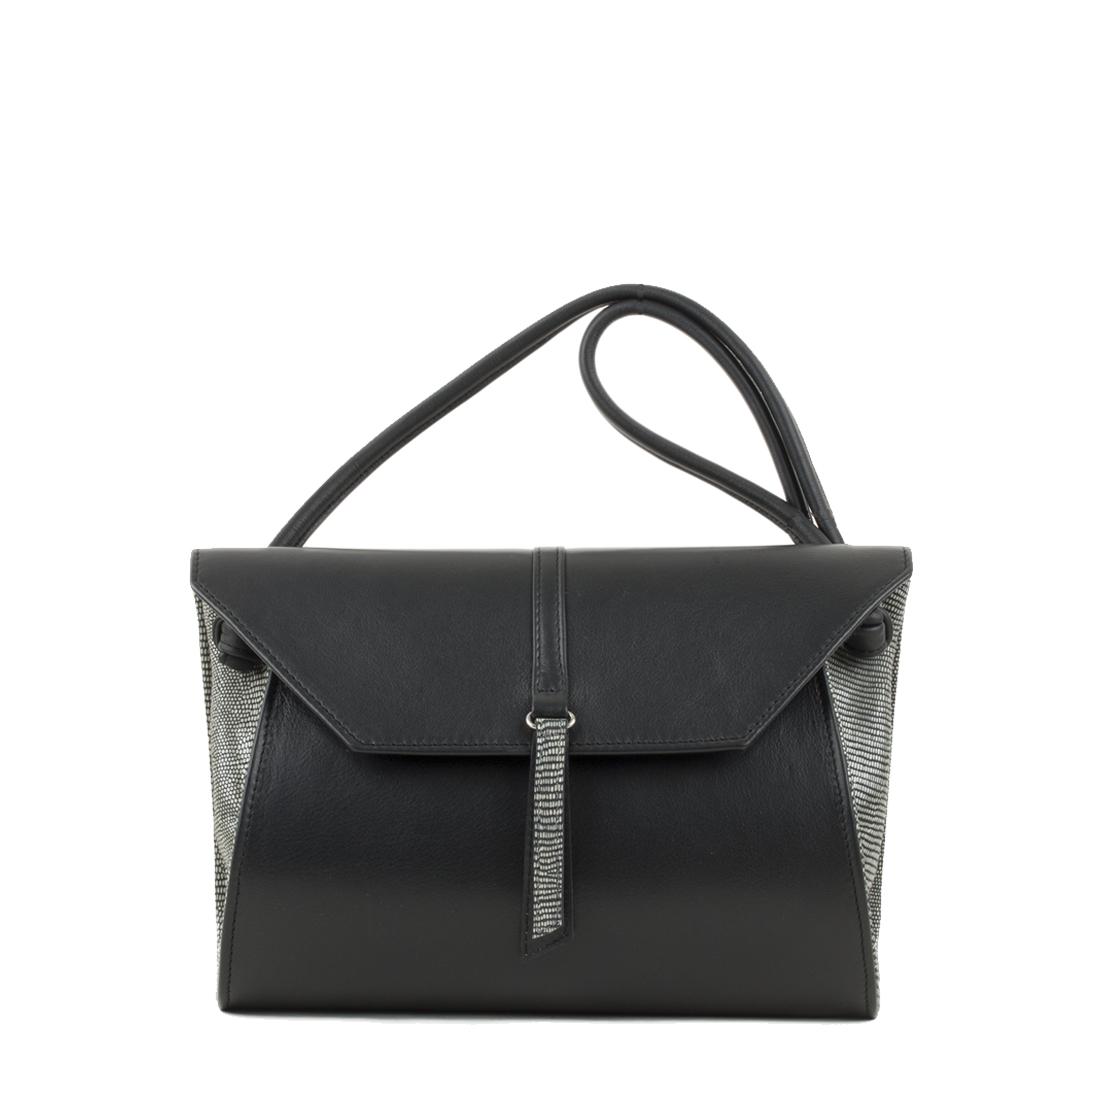 Rosa Black Leather Shoulder Bag